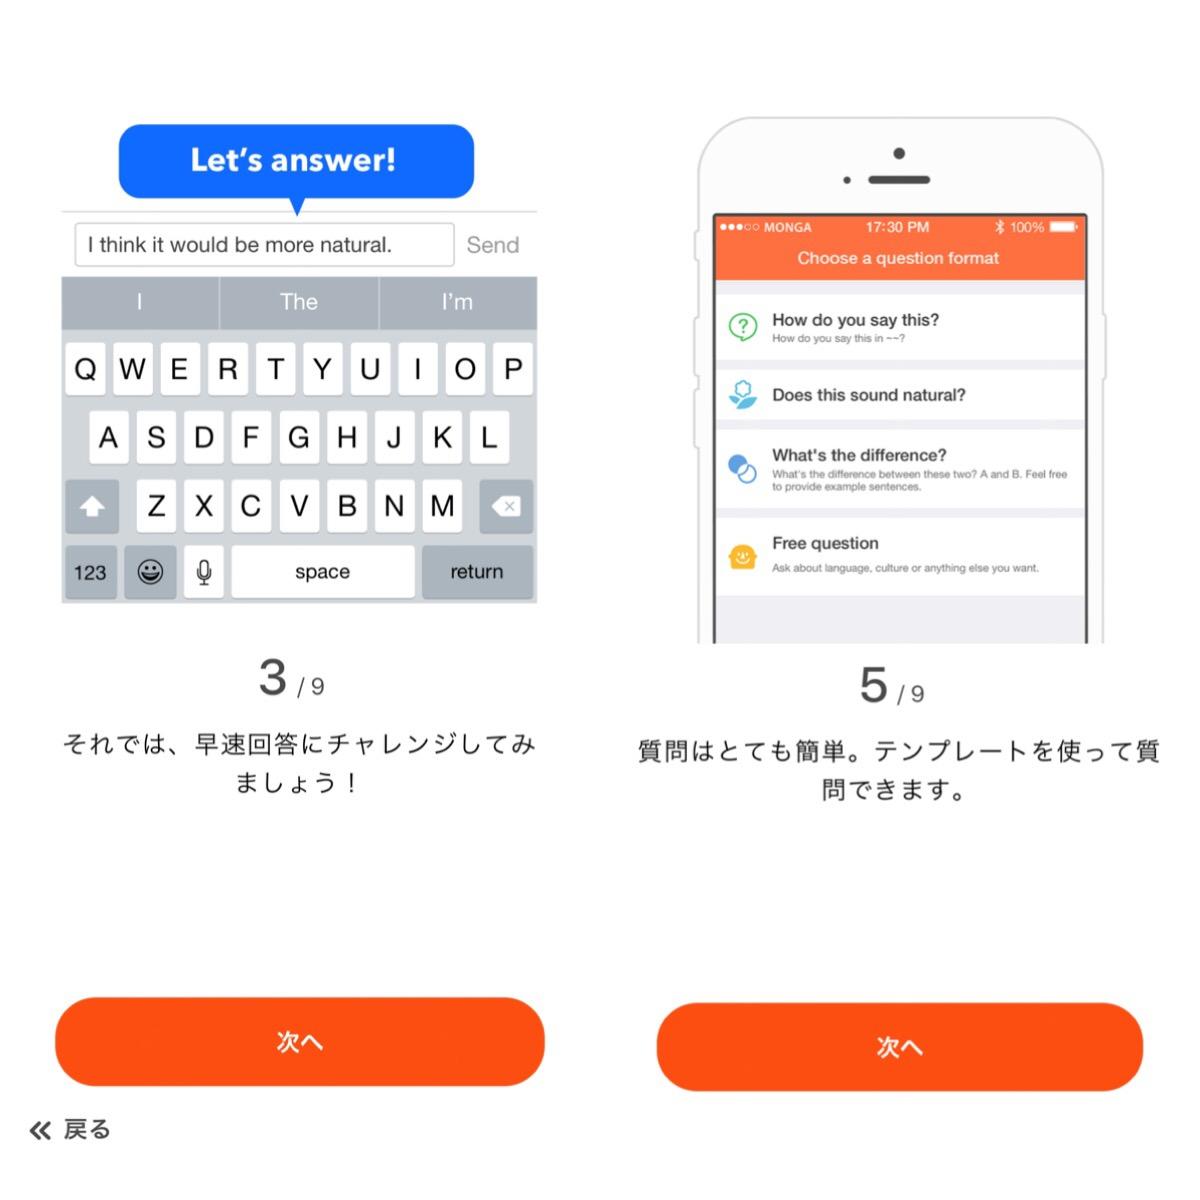 画像2: 母語を教えあう文化がアプリ上に。ナチュラルな表現を学べます。